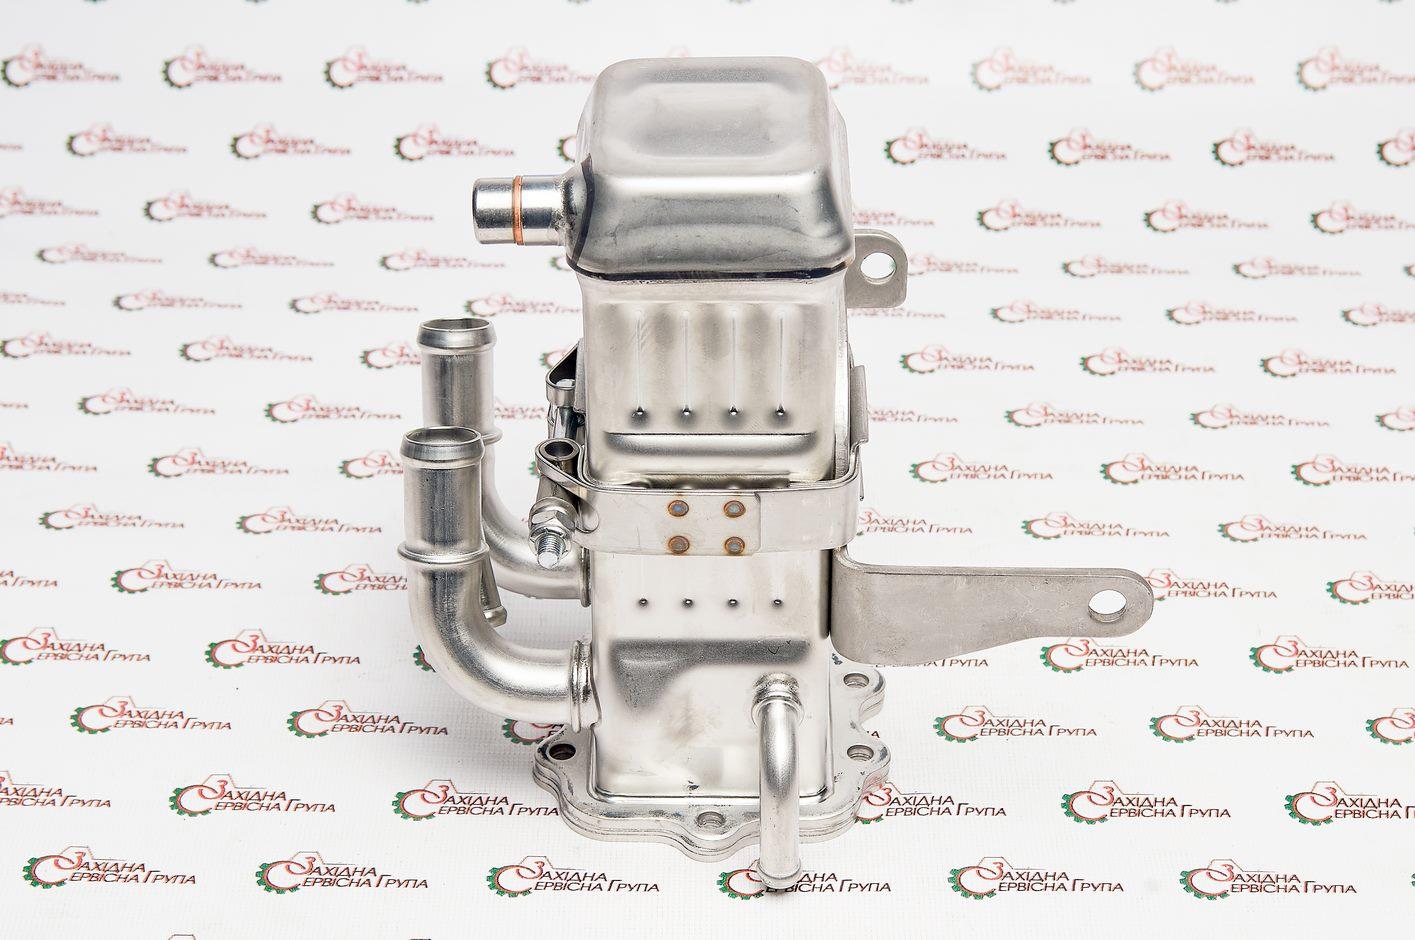 Охладитель системы EGR Cummins ISF 2.8, 5310100, 5342842, 5308965, 5263165